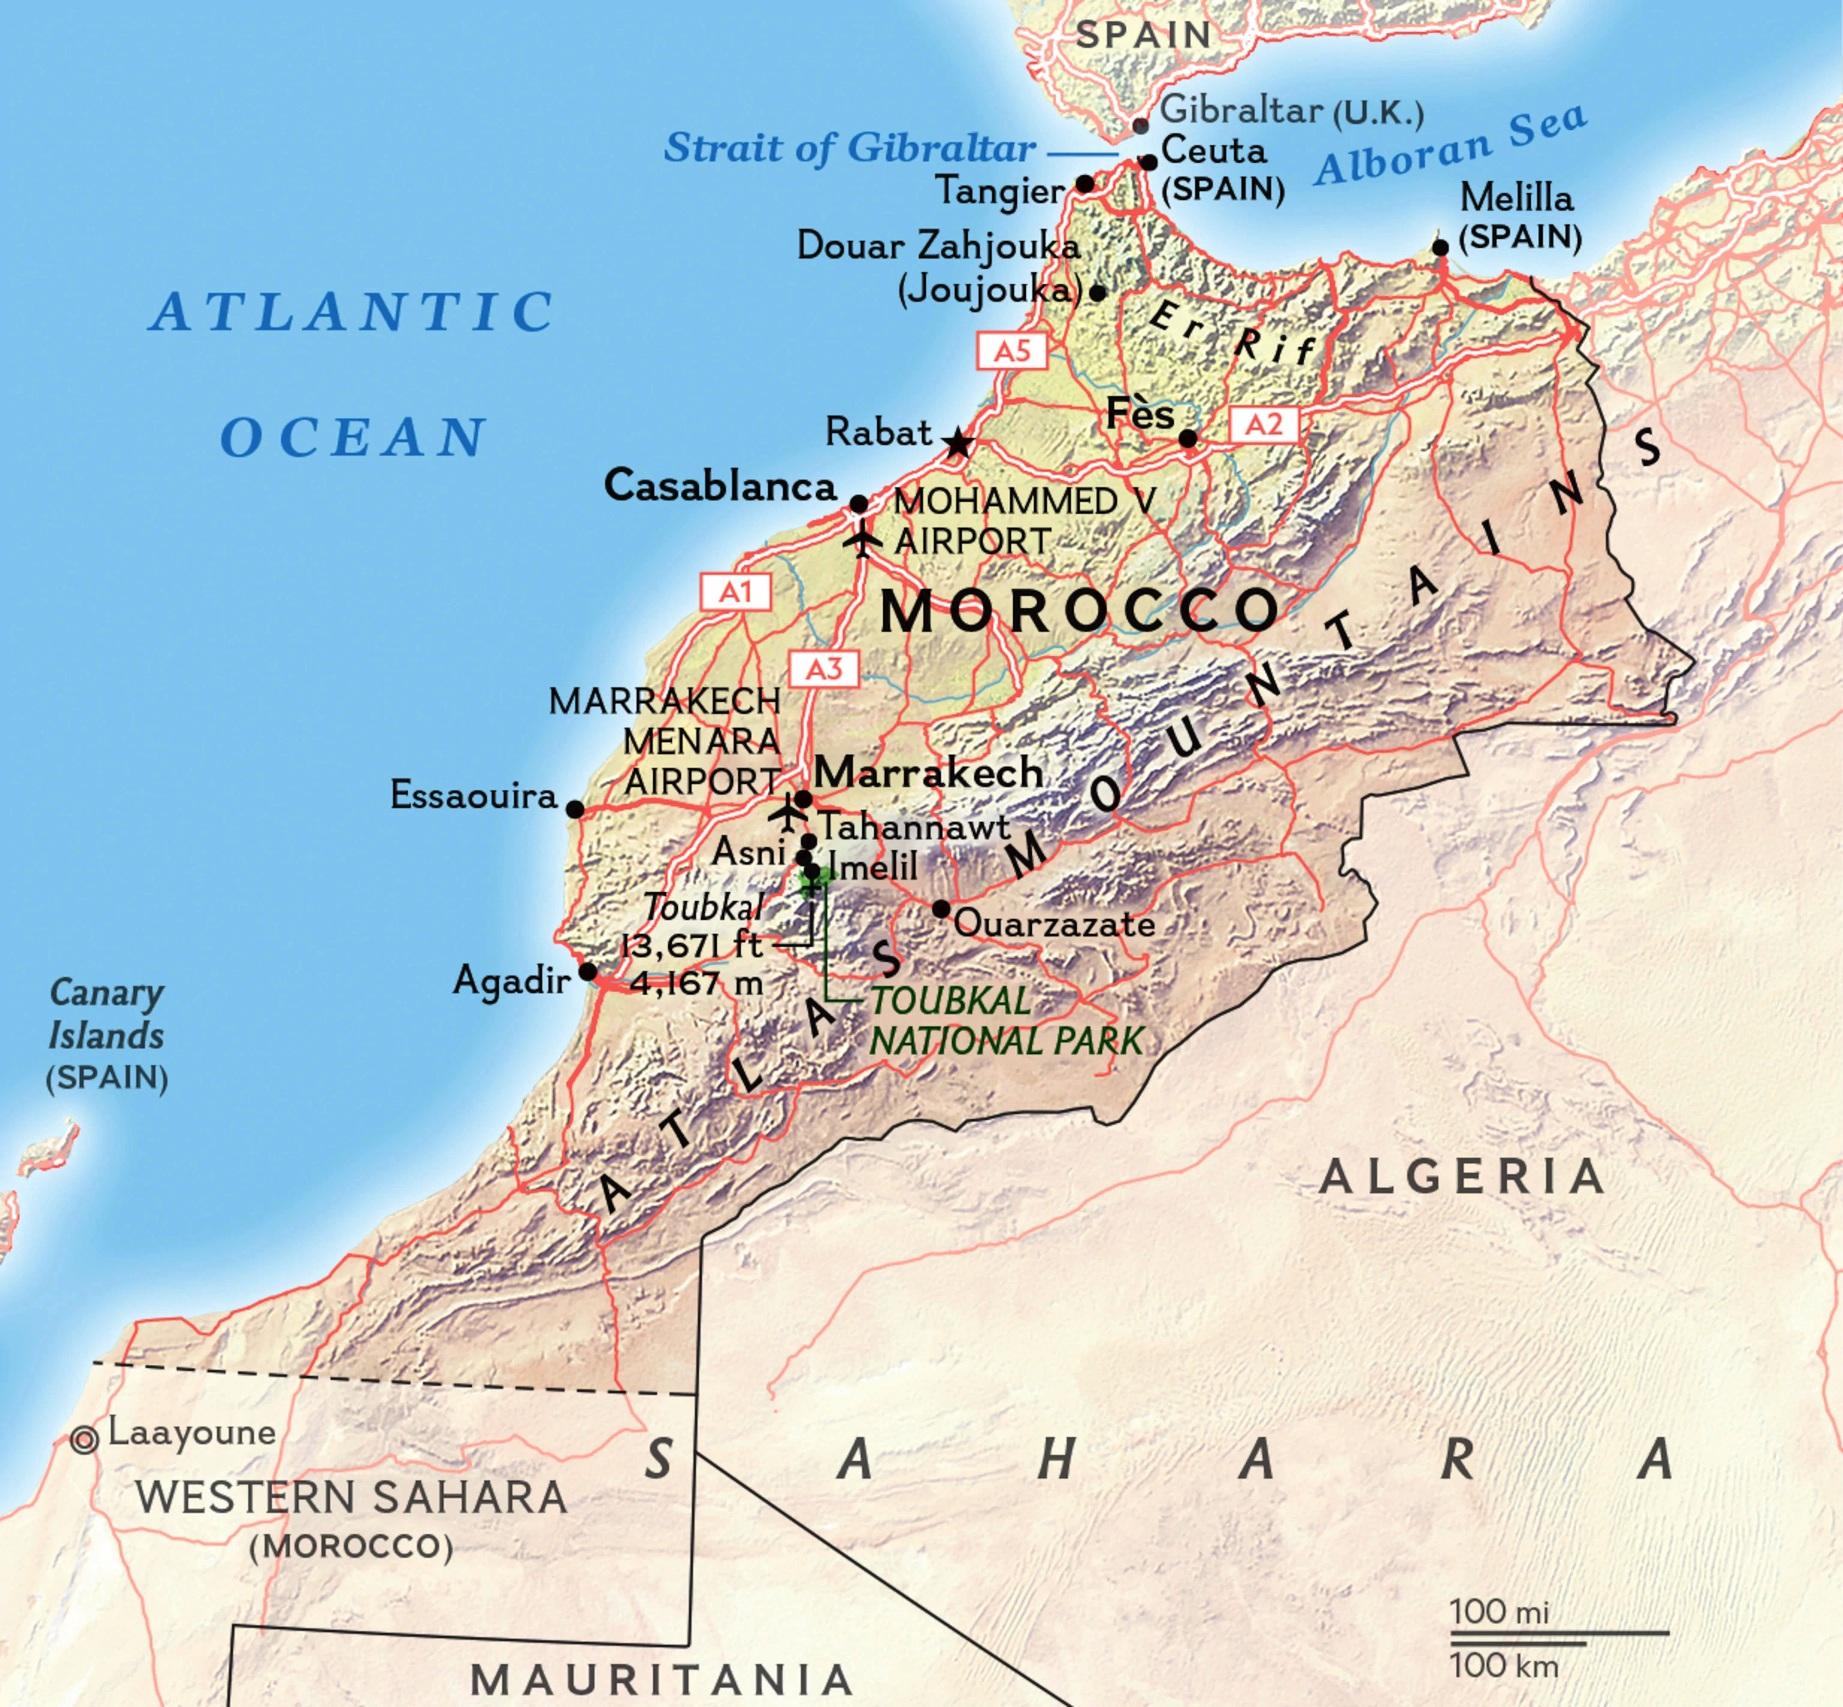 Cartina Geografica Fisica Del Marocco.Mappa Geografica Del Marocco Geografia Clima Flora Fauna